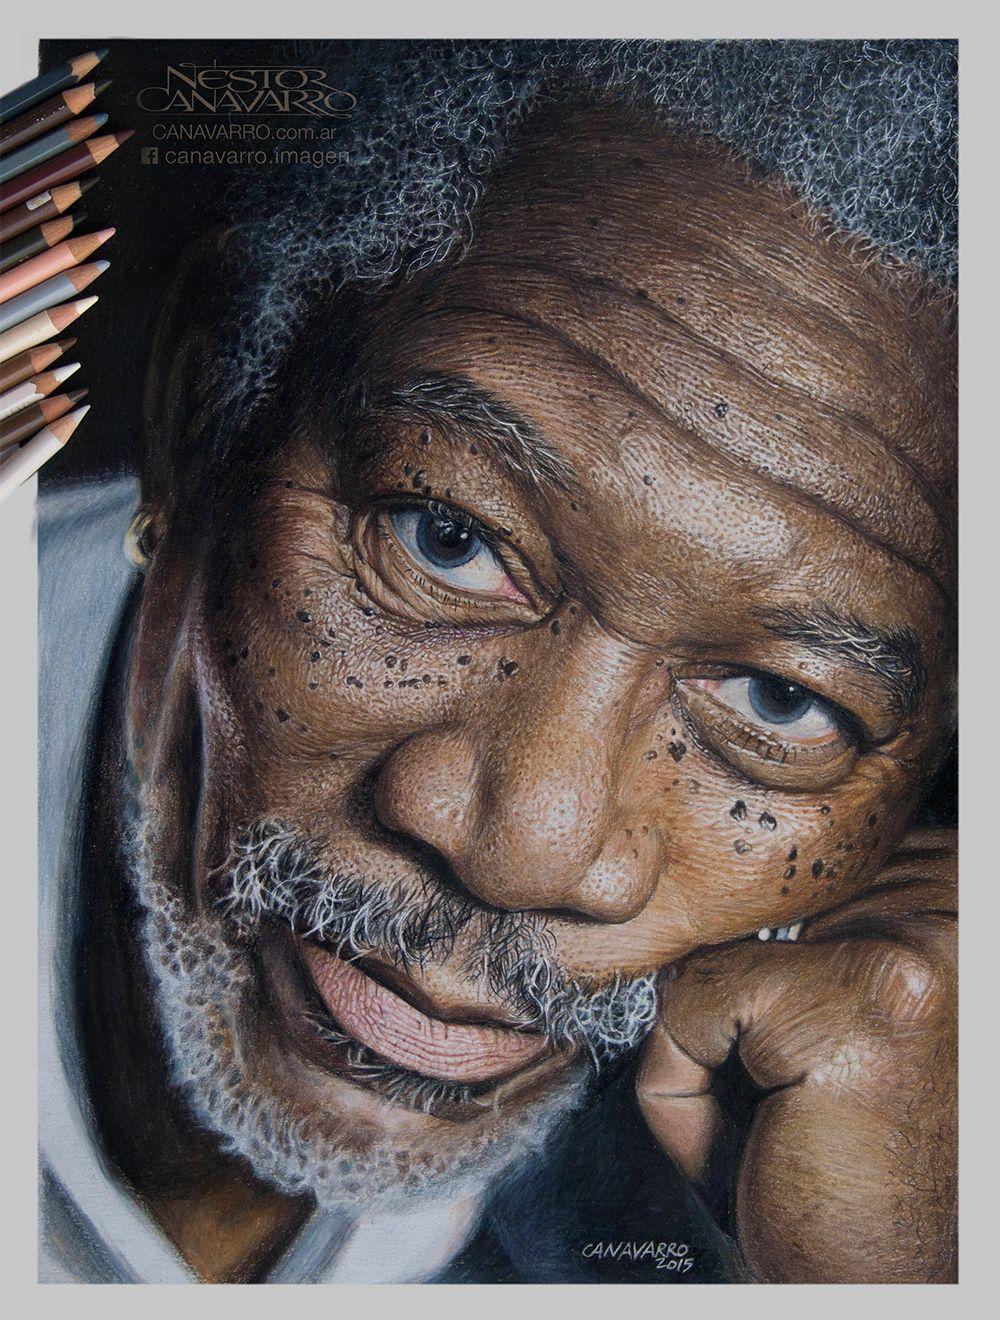 Morgan Freeman In Color Pencils On Behance Artistas Que Me